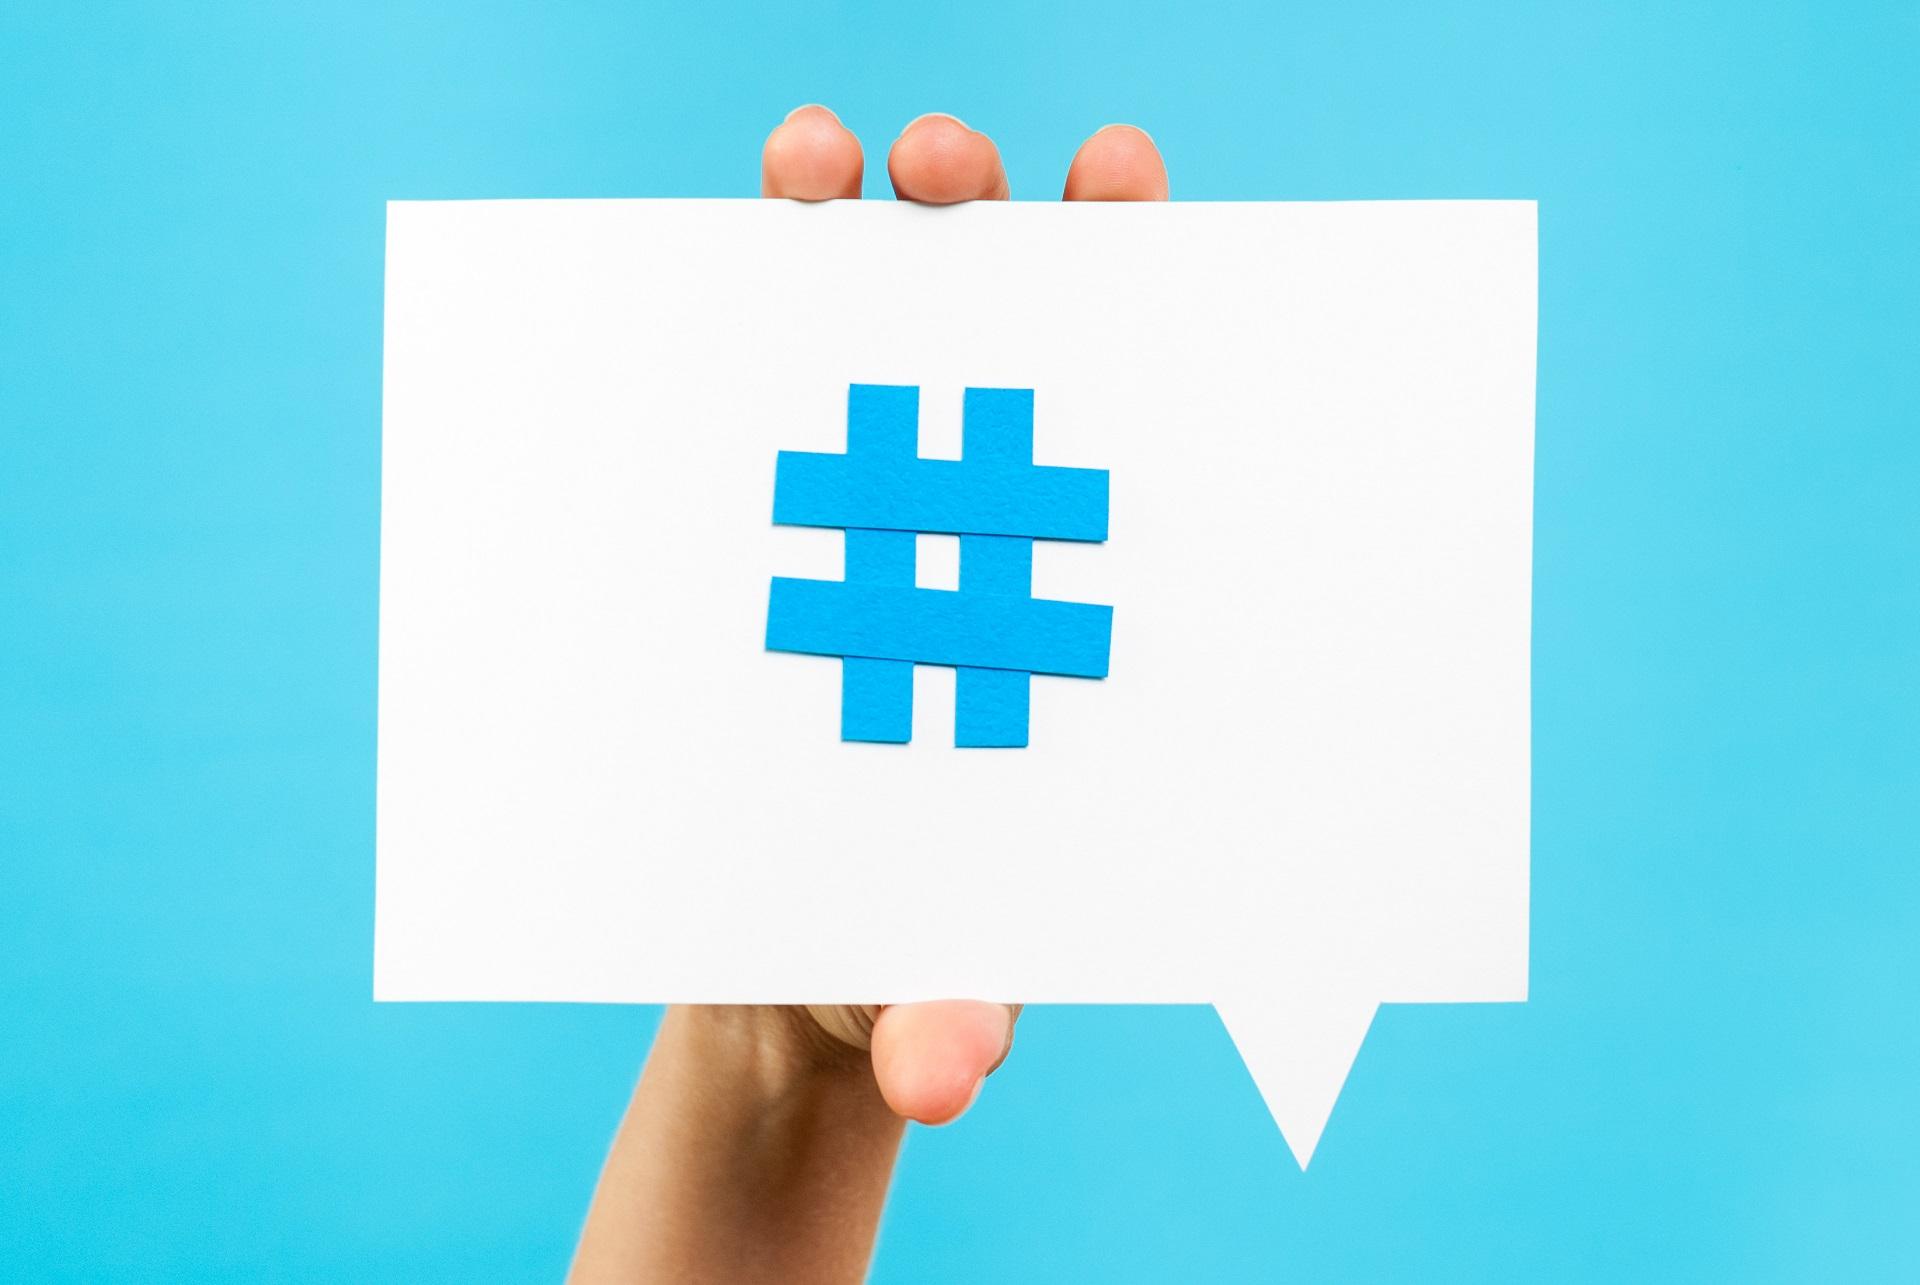 5 chiến lược sử dụng Hashtag hiệu quả giúp bán được hàng nhiều